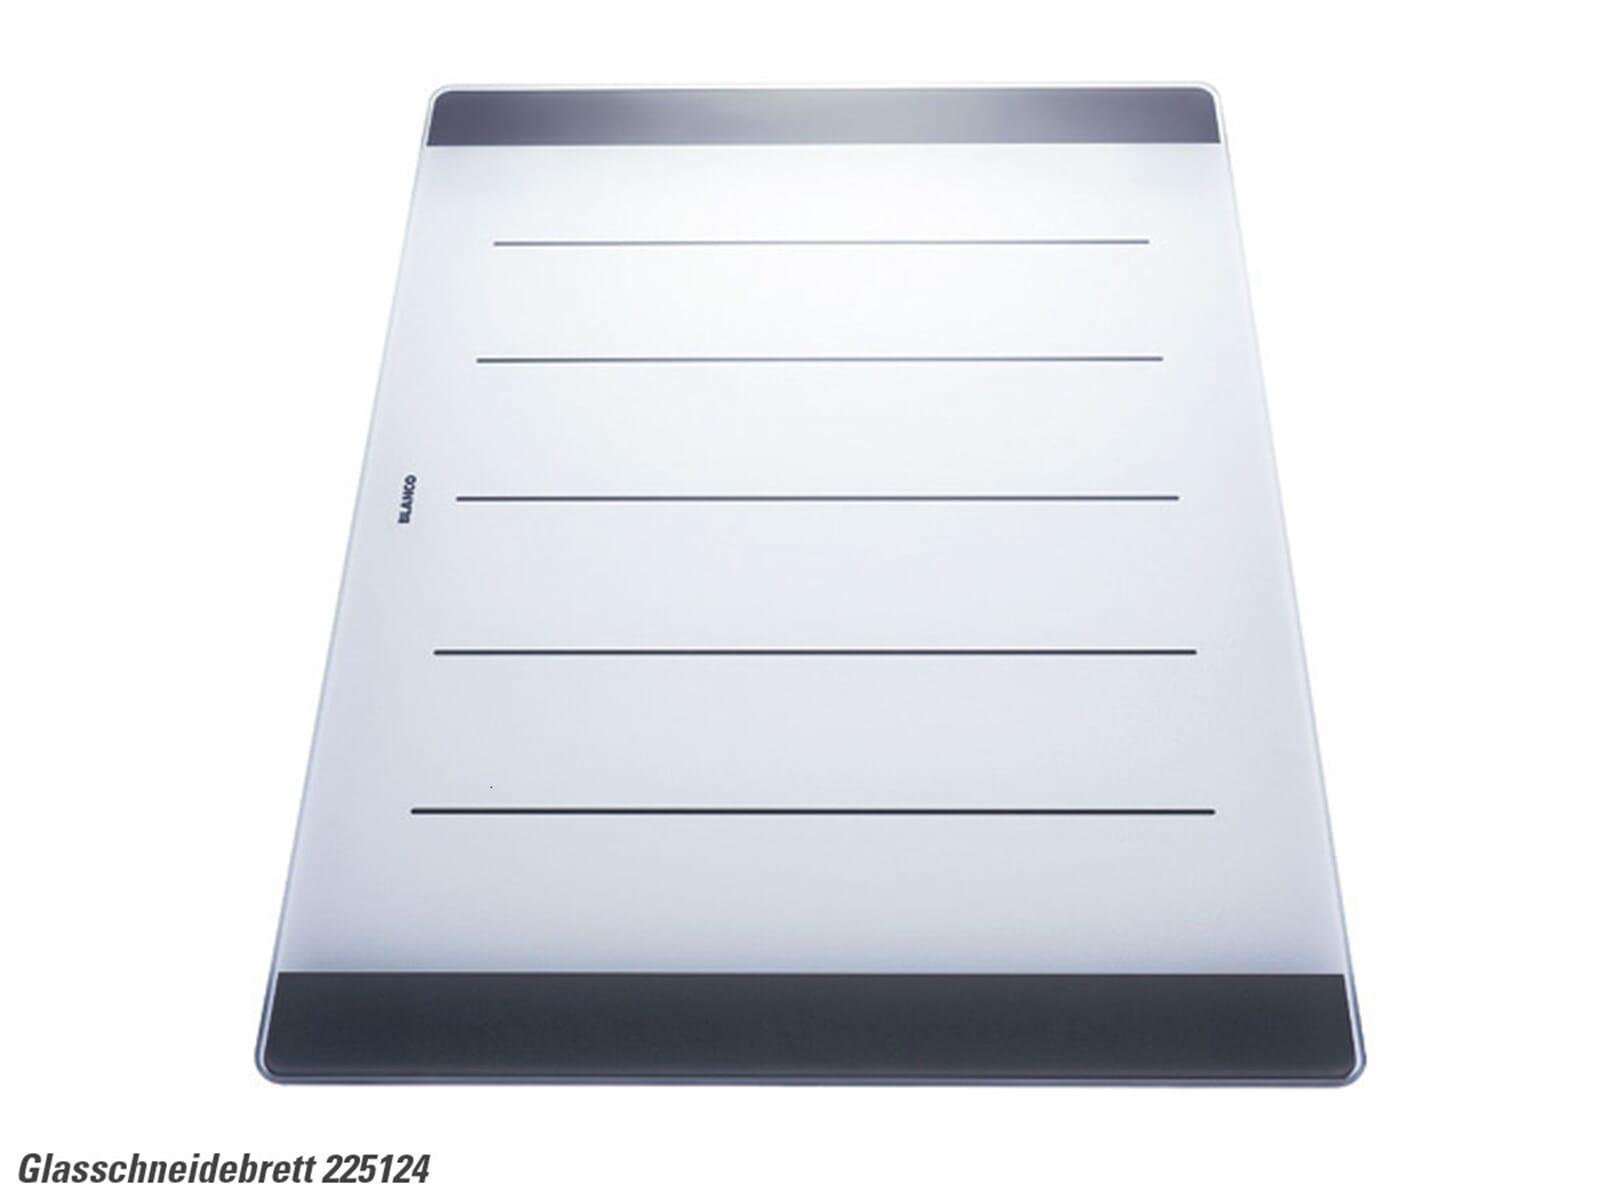 Blanco 225 124 Glasschneidebrett